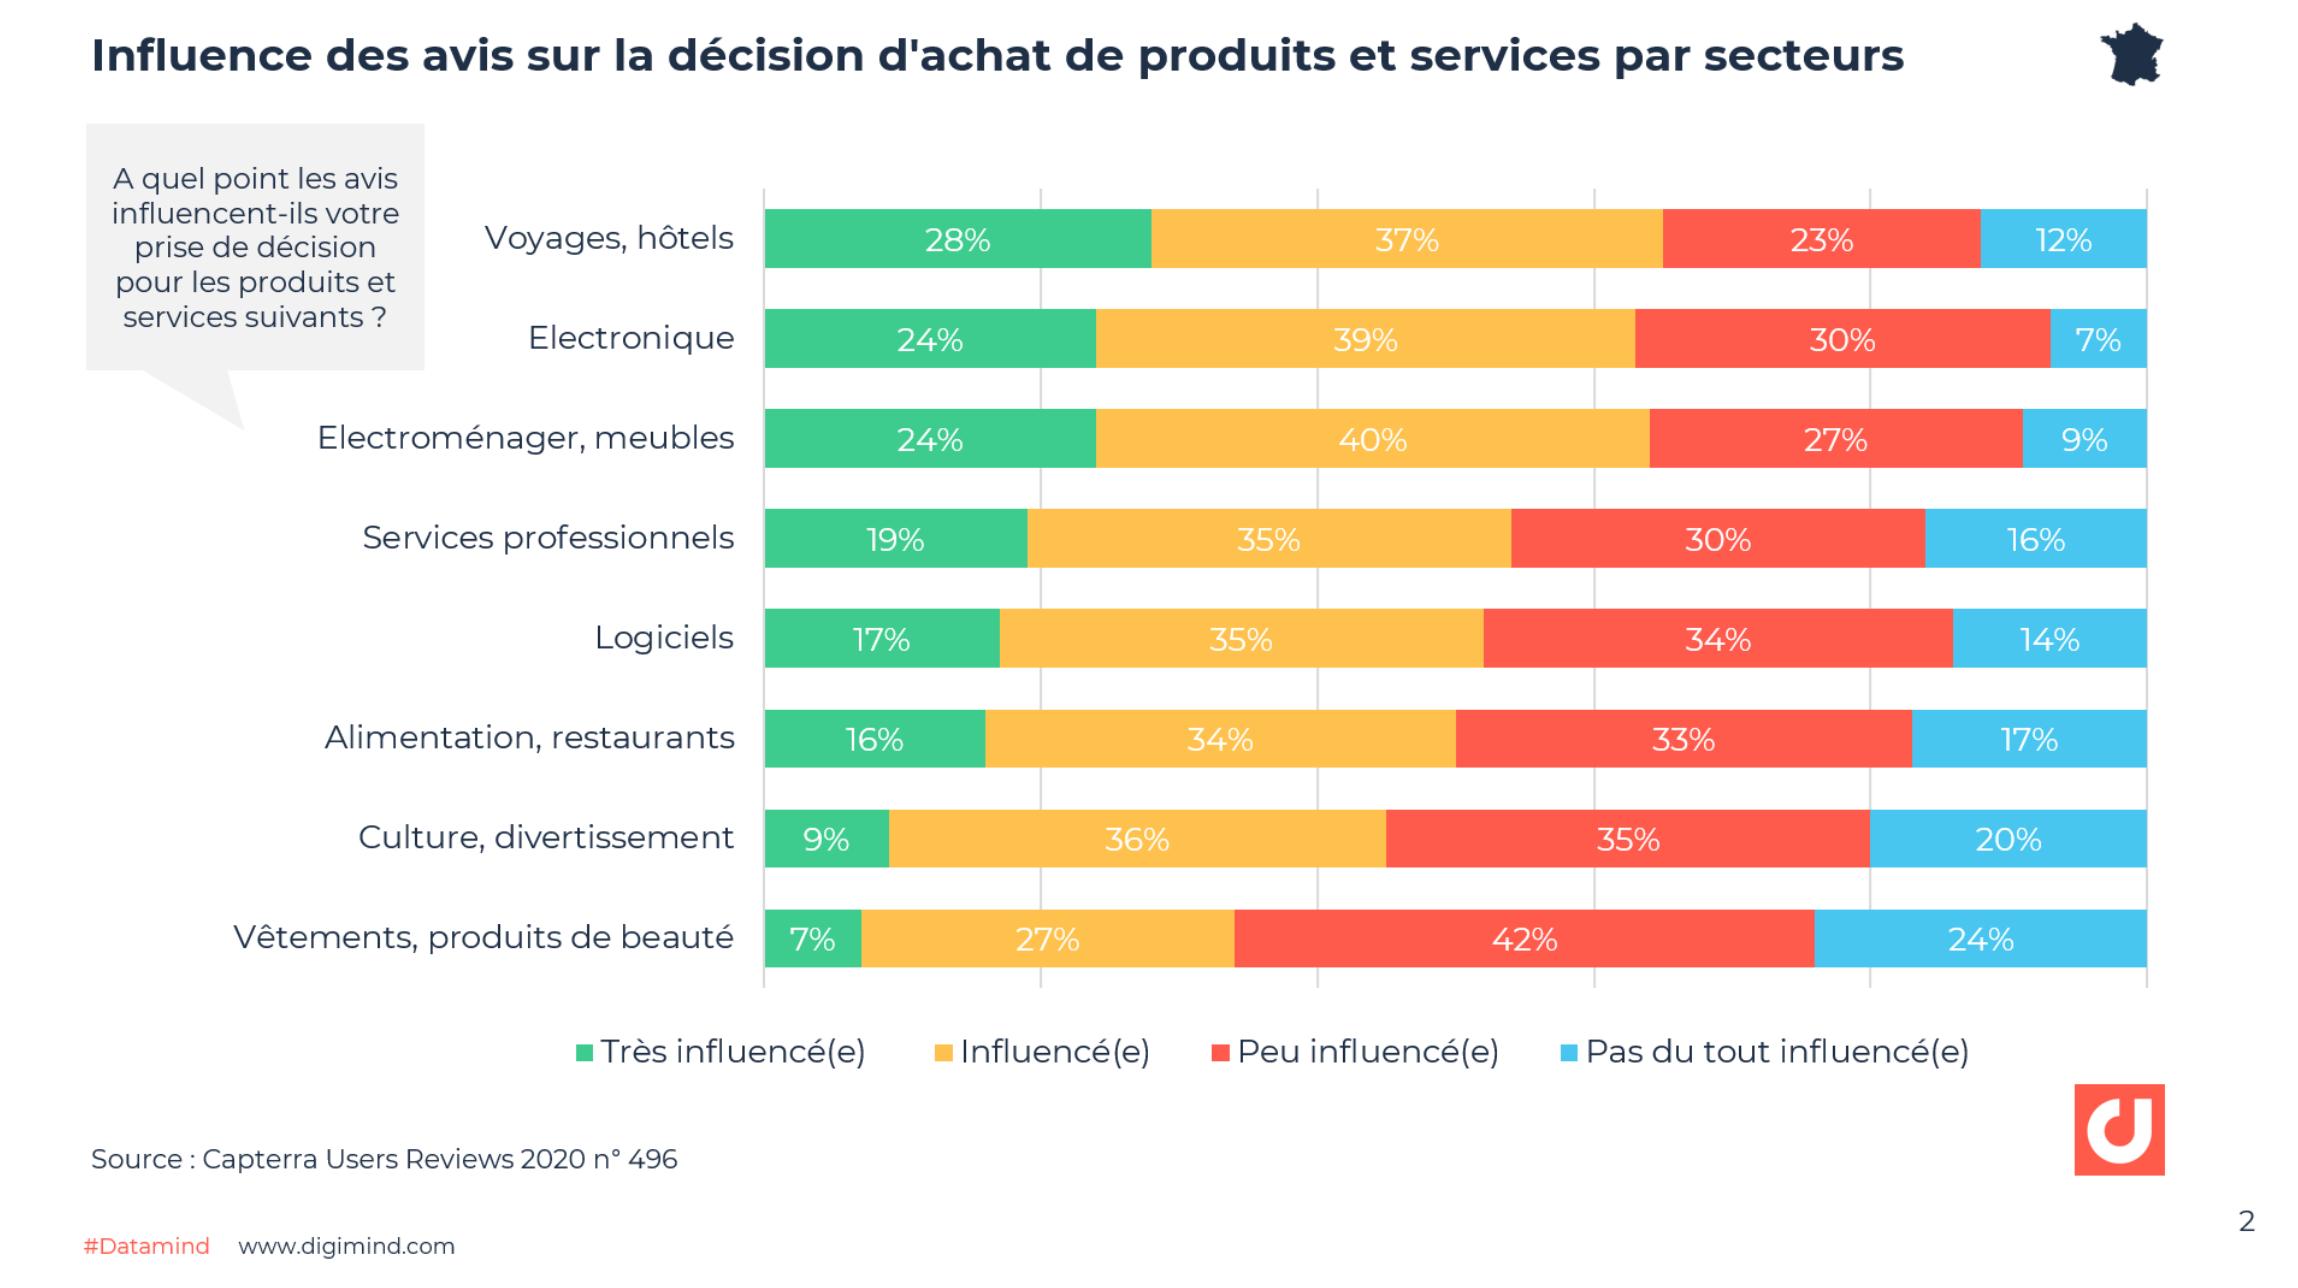 Influence des avis sur la décision d'achat de produits et services par secteurs - Source : Capterra